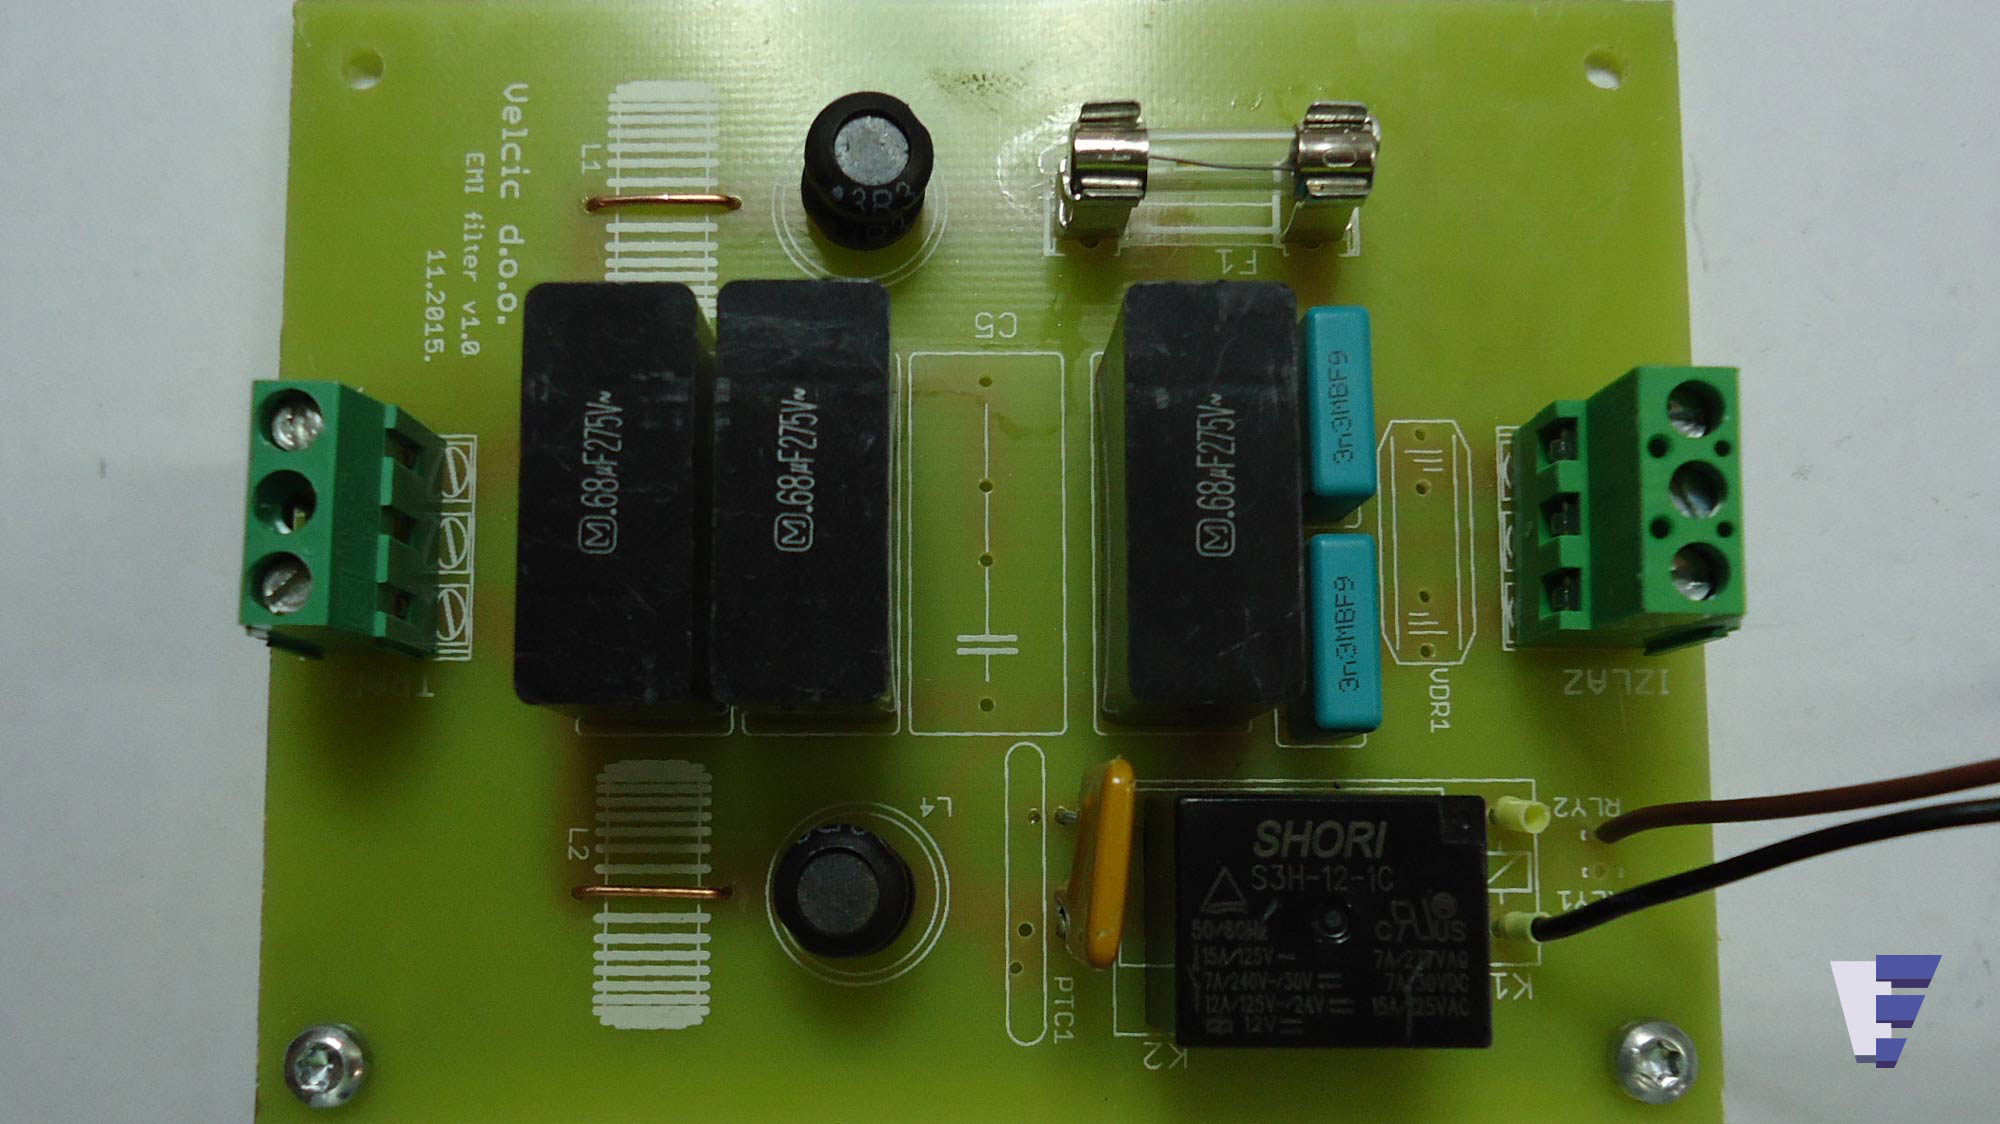 Invertor Velcic d.o.o. - zaštita osjetljive elektroničke opreme - čip